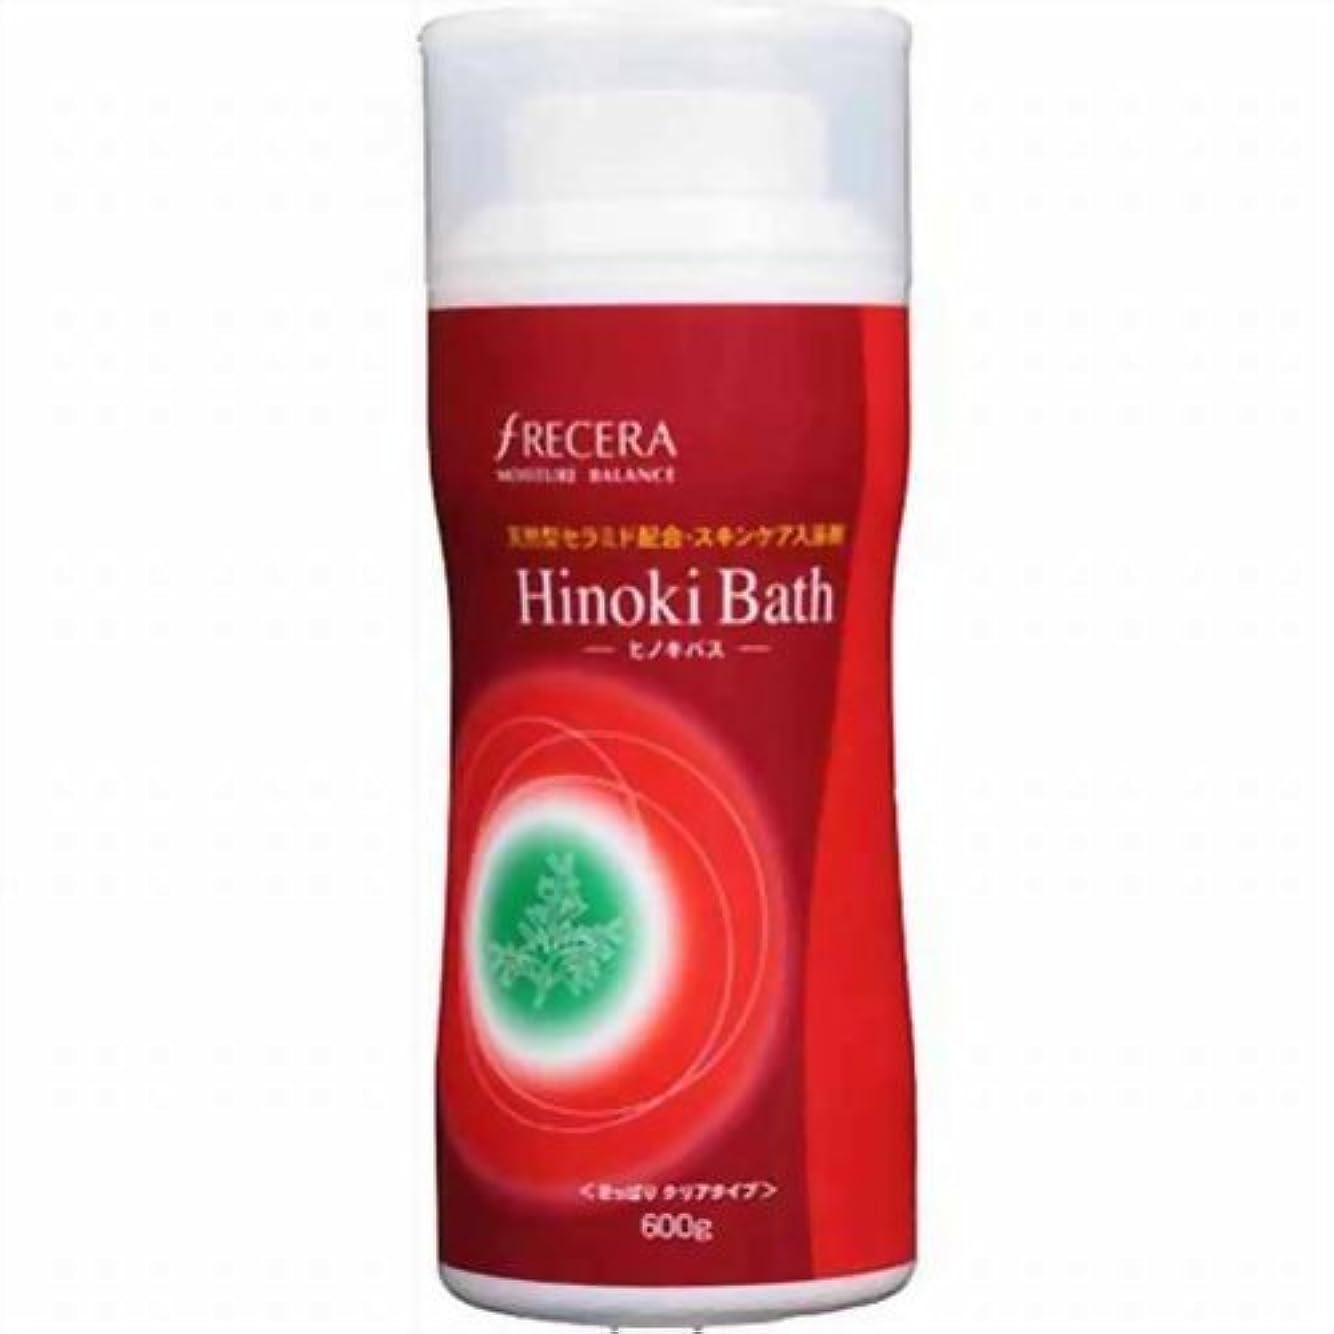 殺します試してみる本物のフレッセラ セラミド入浴剤 ヒノキバス 600g